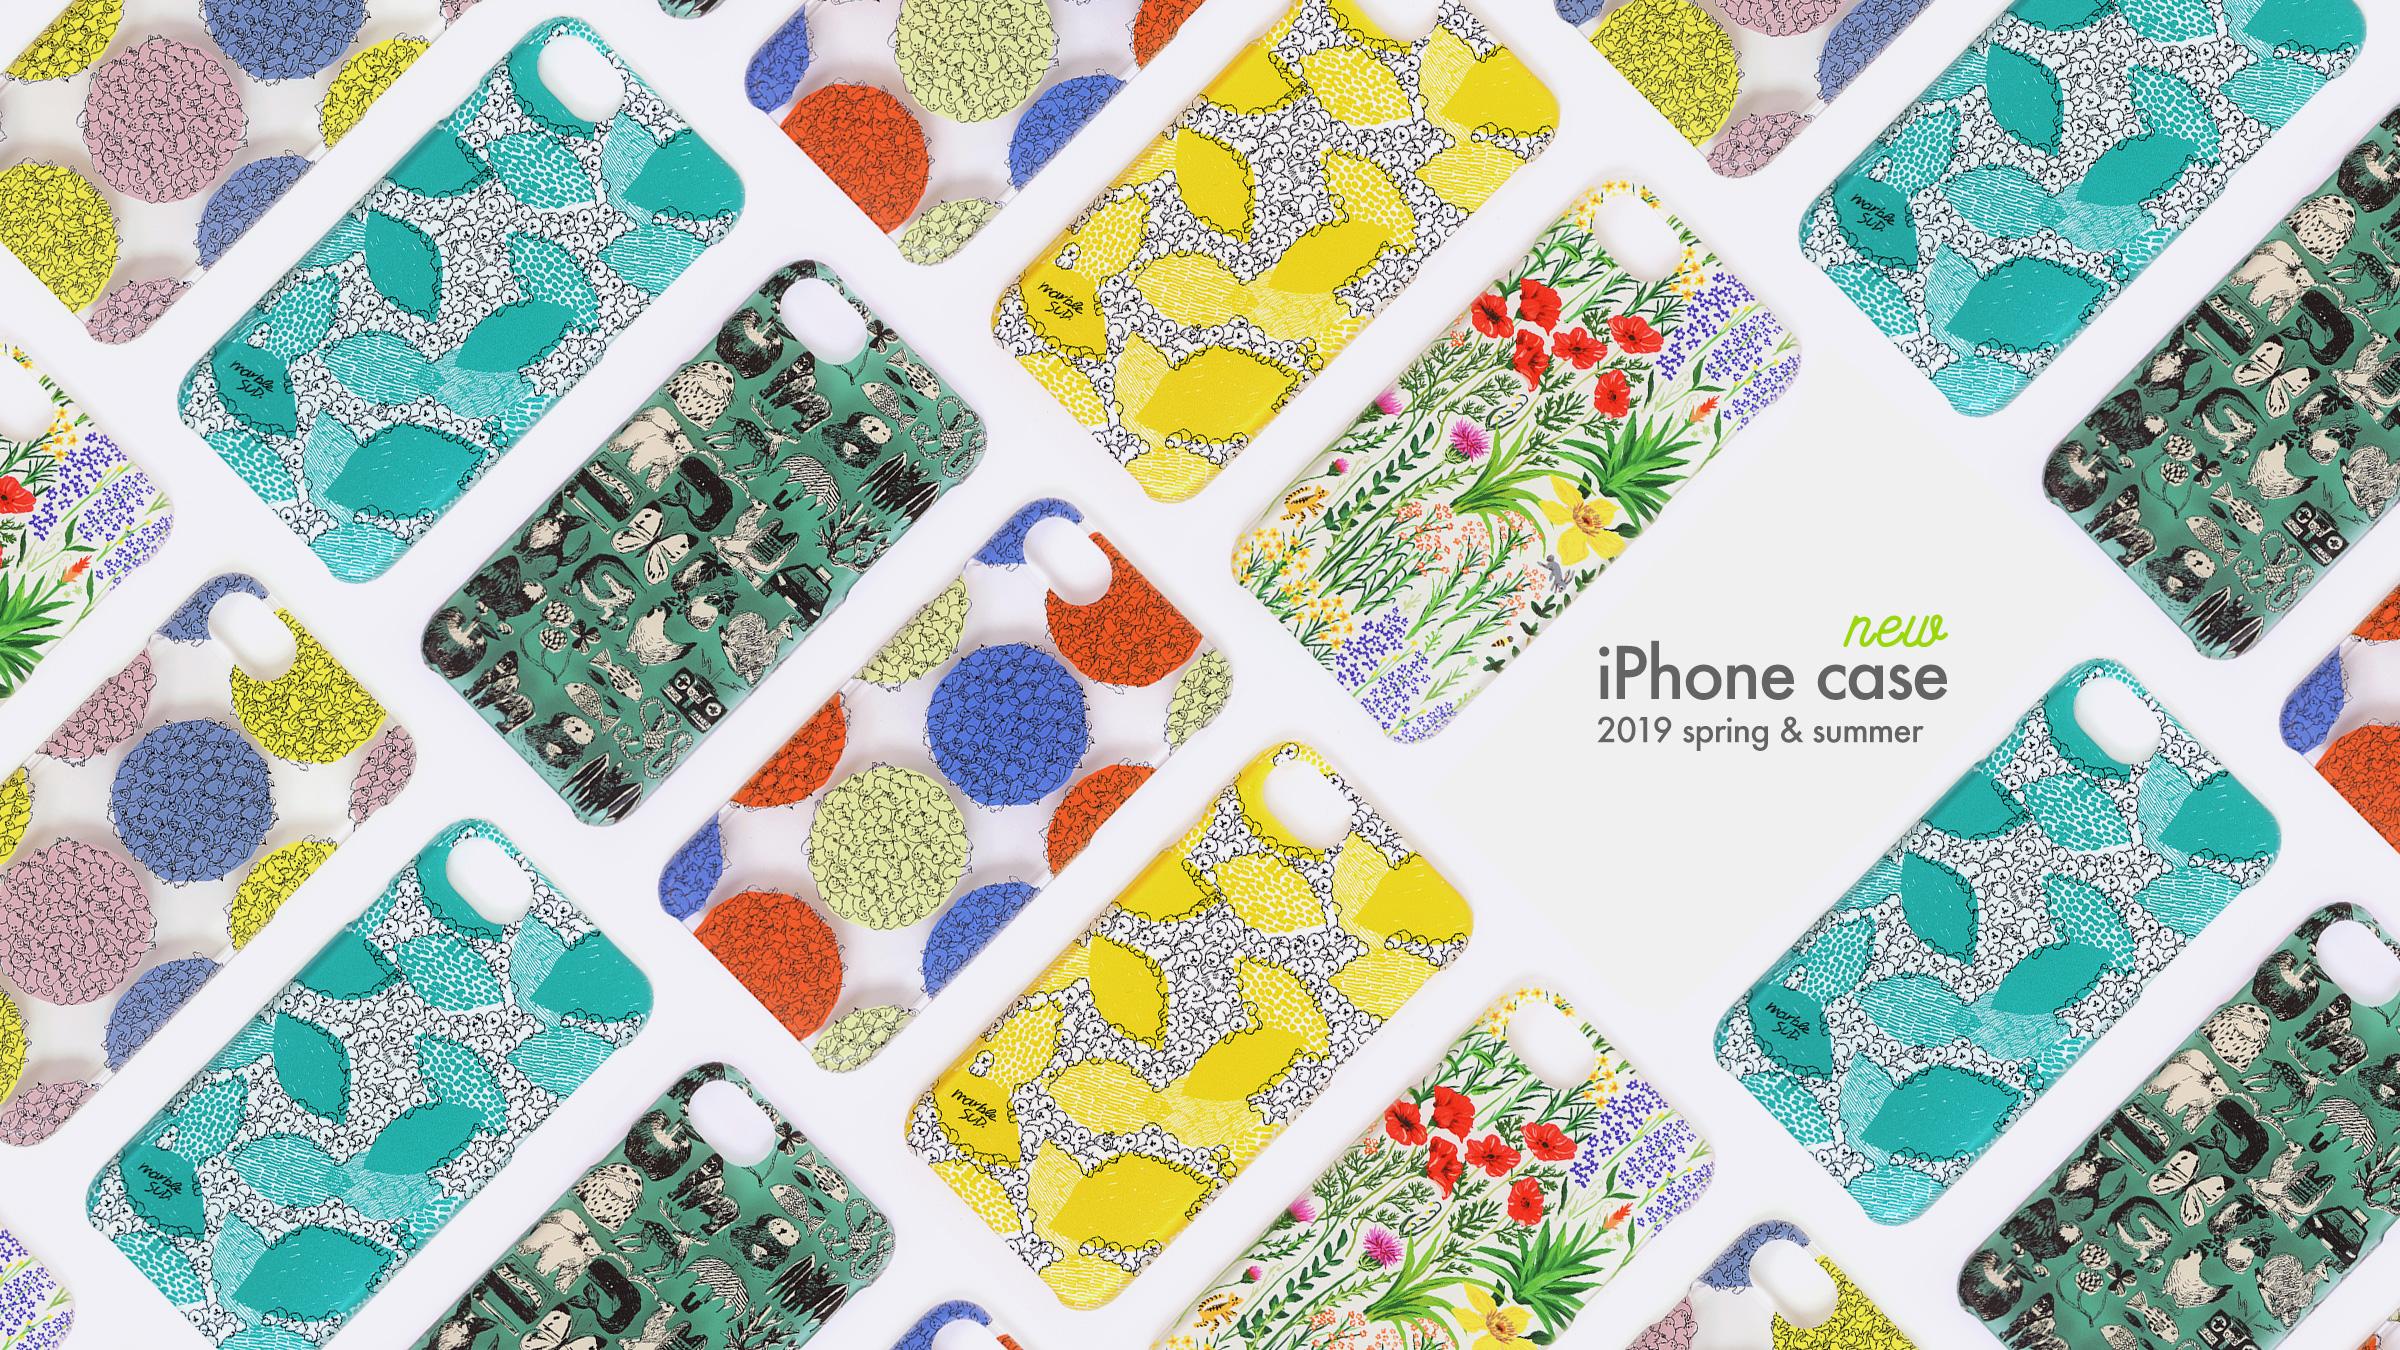 コーポレートサイトイメージ、マーブルシュッド、iPhoneケース